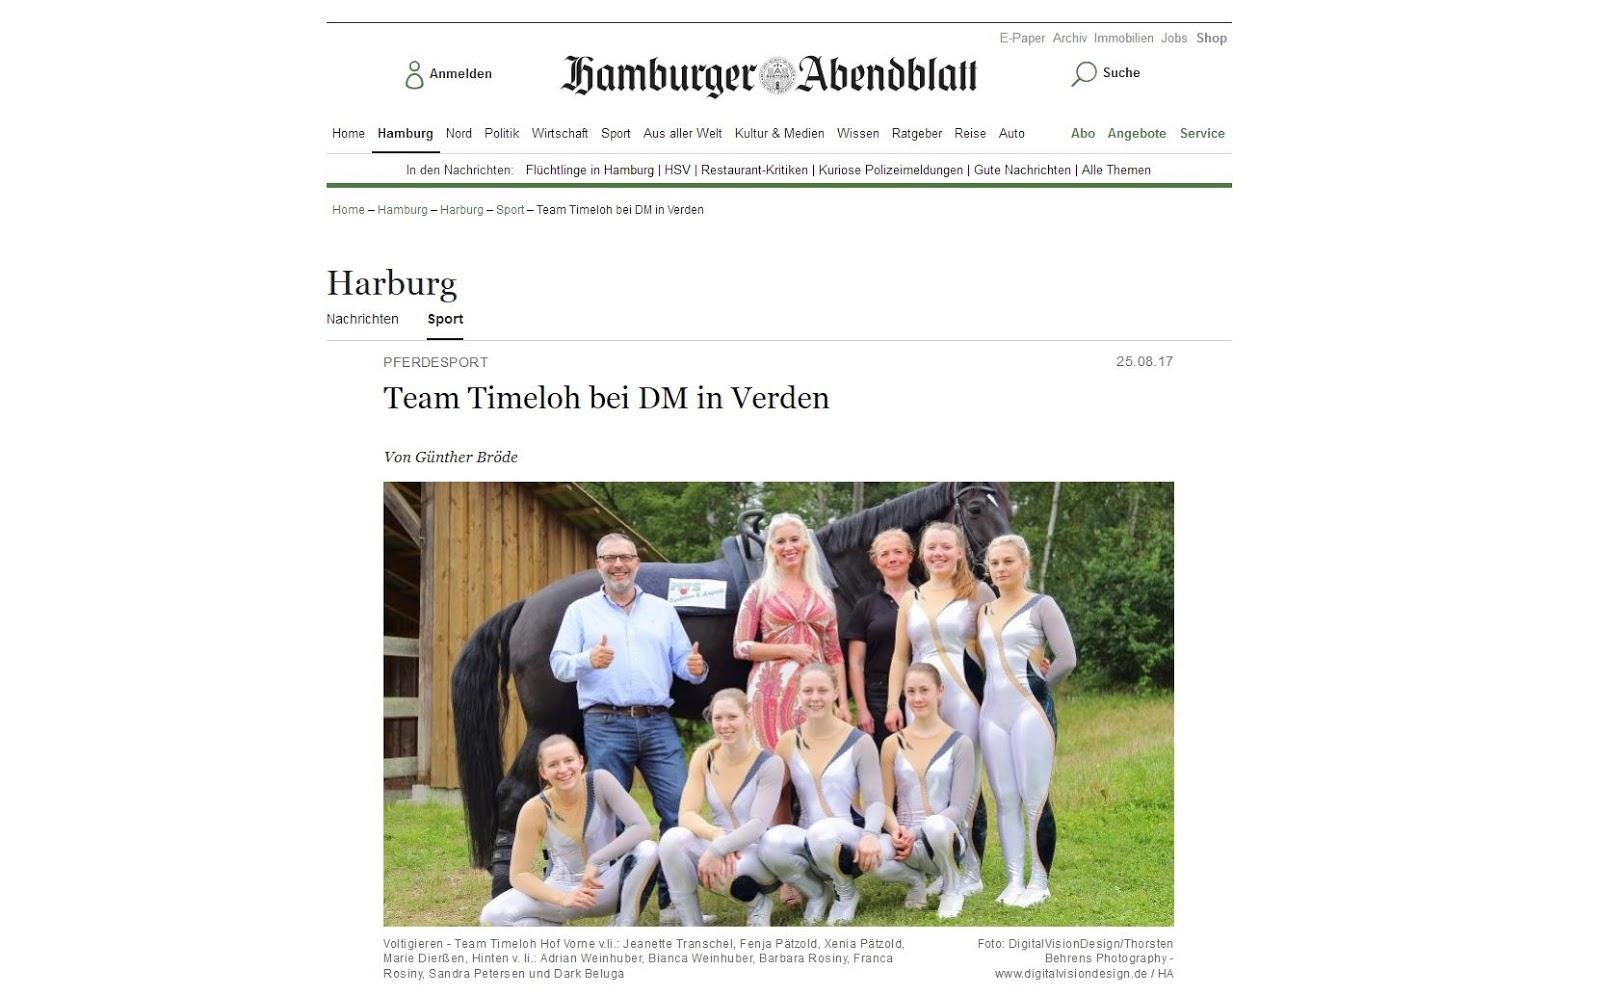 Fotoveröffentlichung von Thorsten Behrens Photography im Hamburger Abendblatt